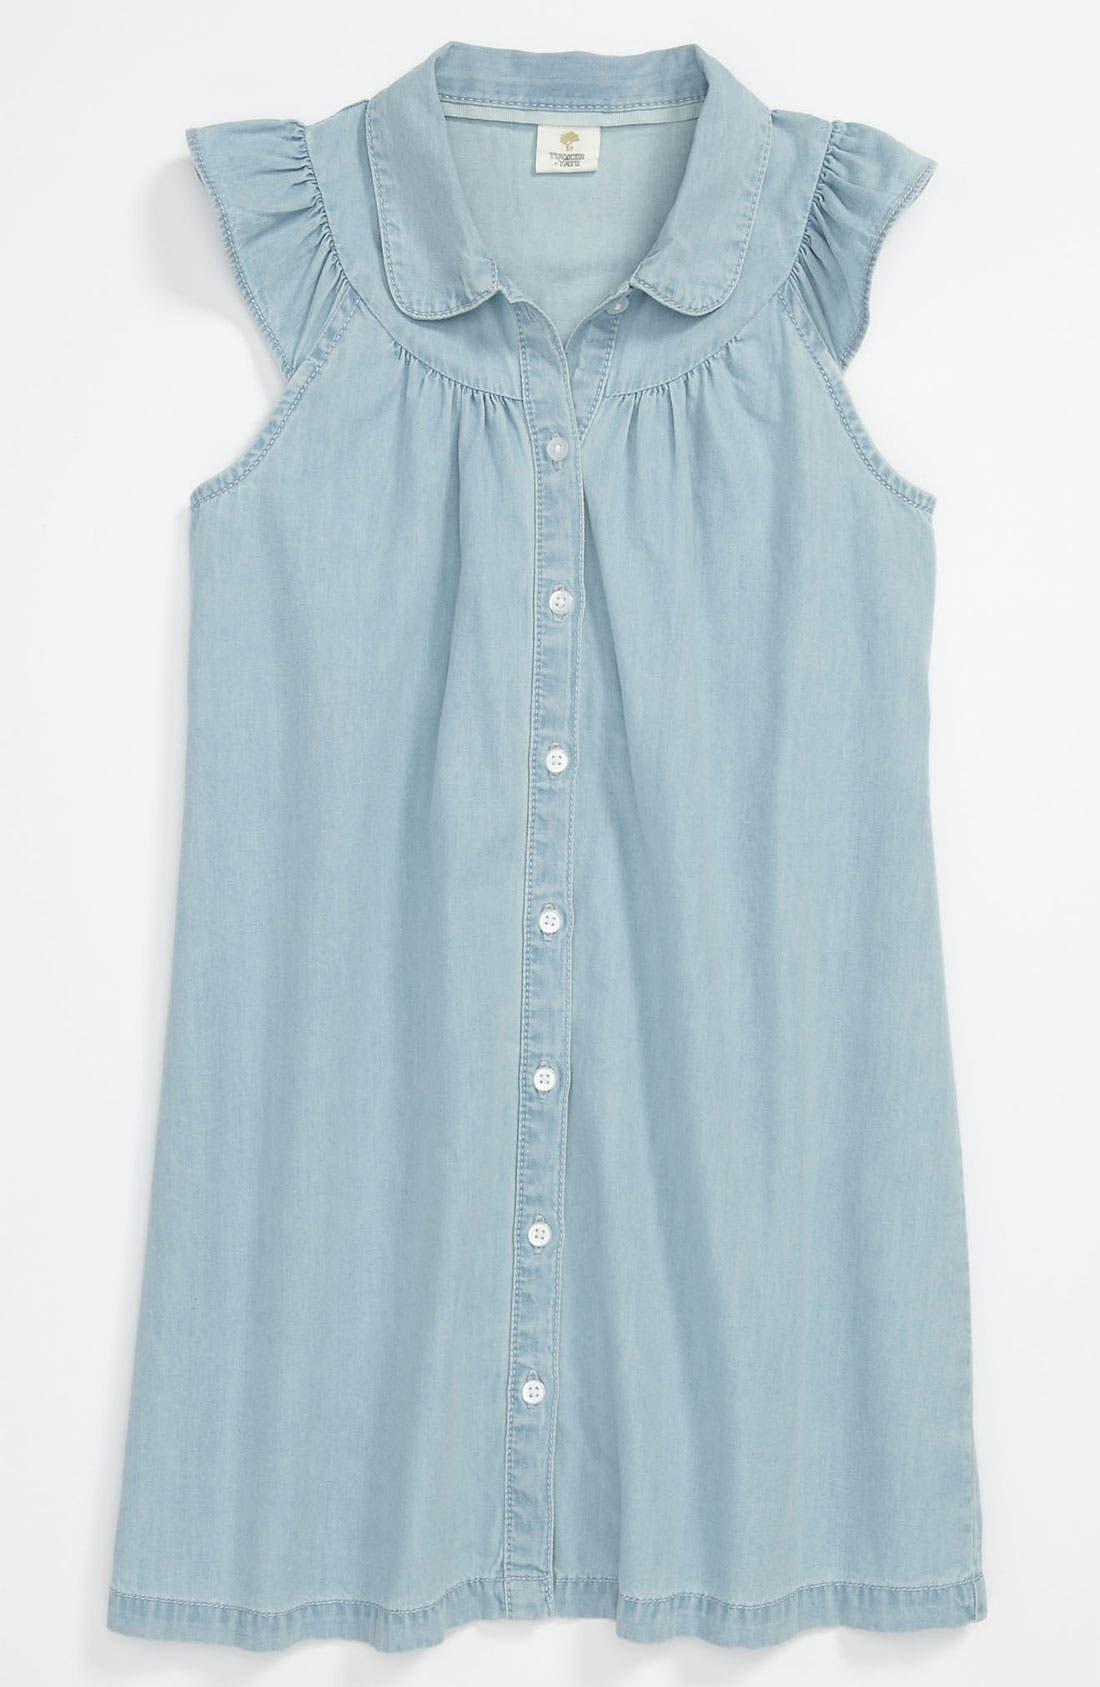 Alternate Image 1 Selected - Tucker + Tate 'Kate' Woven Dress (Little Girls & Big Girls)